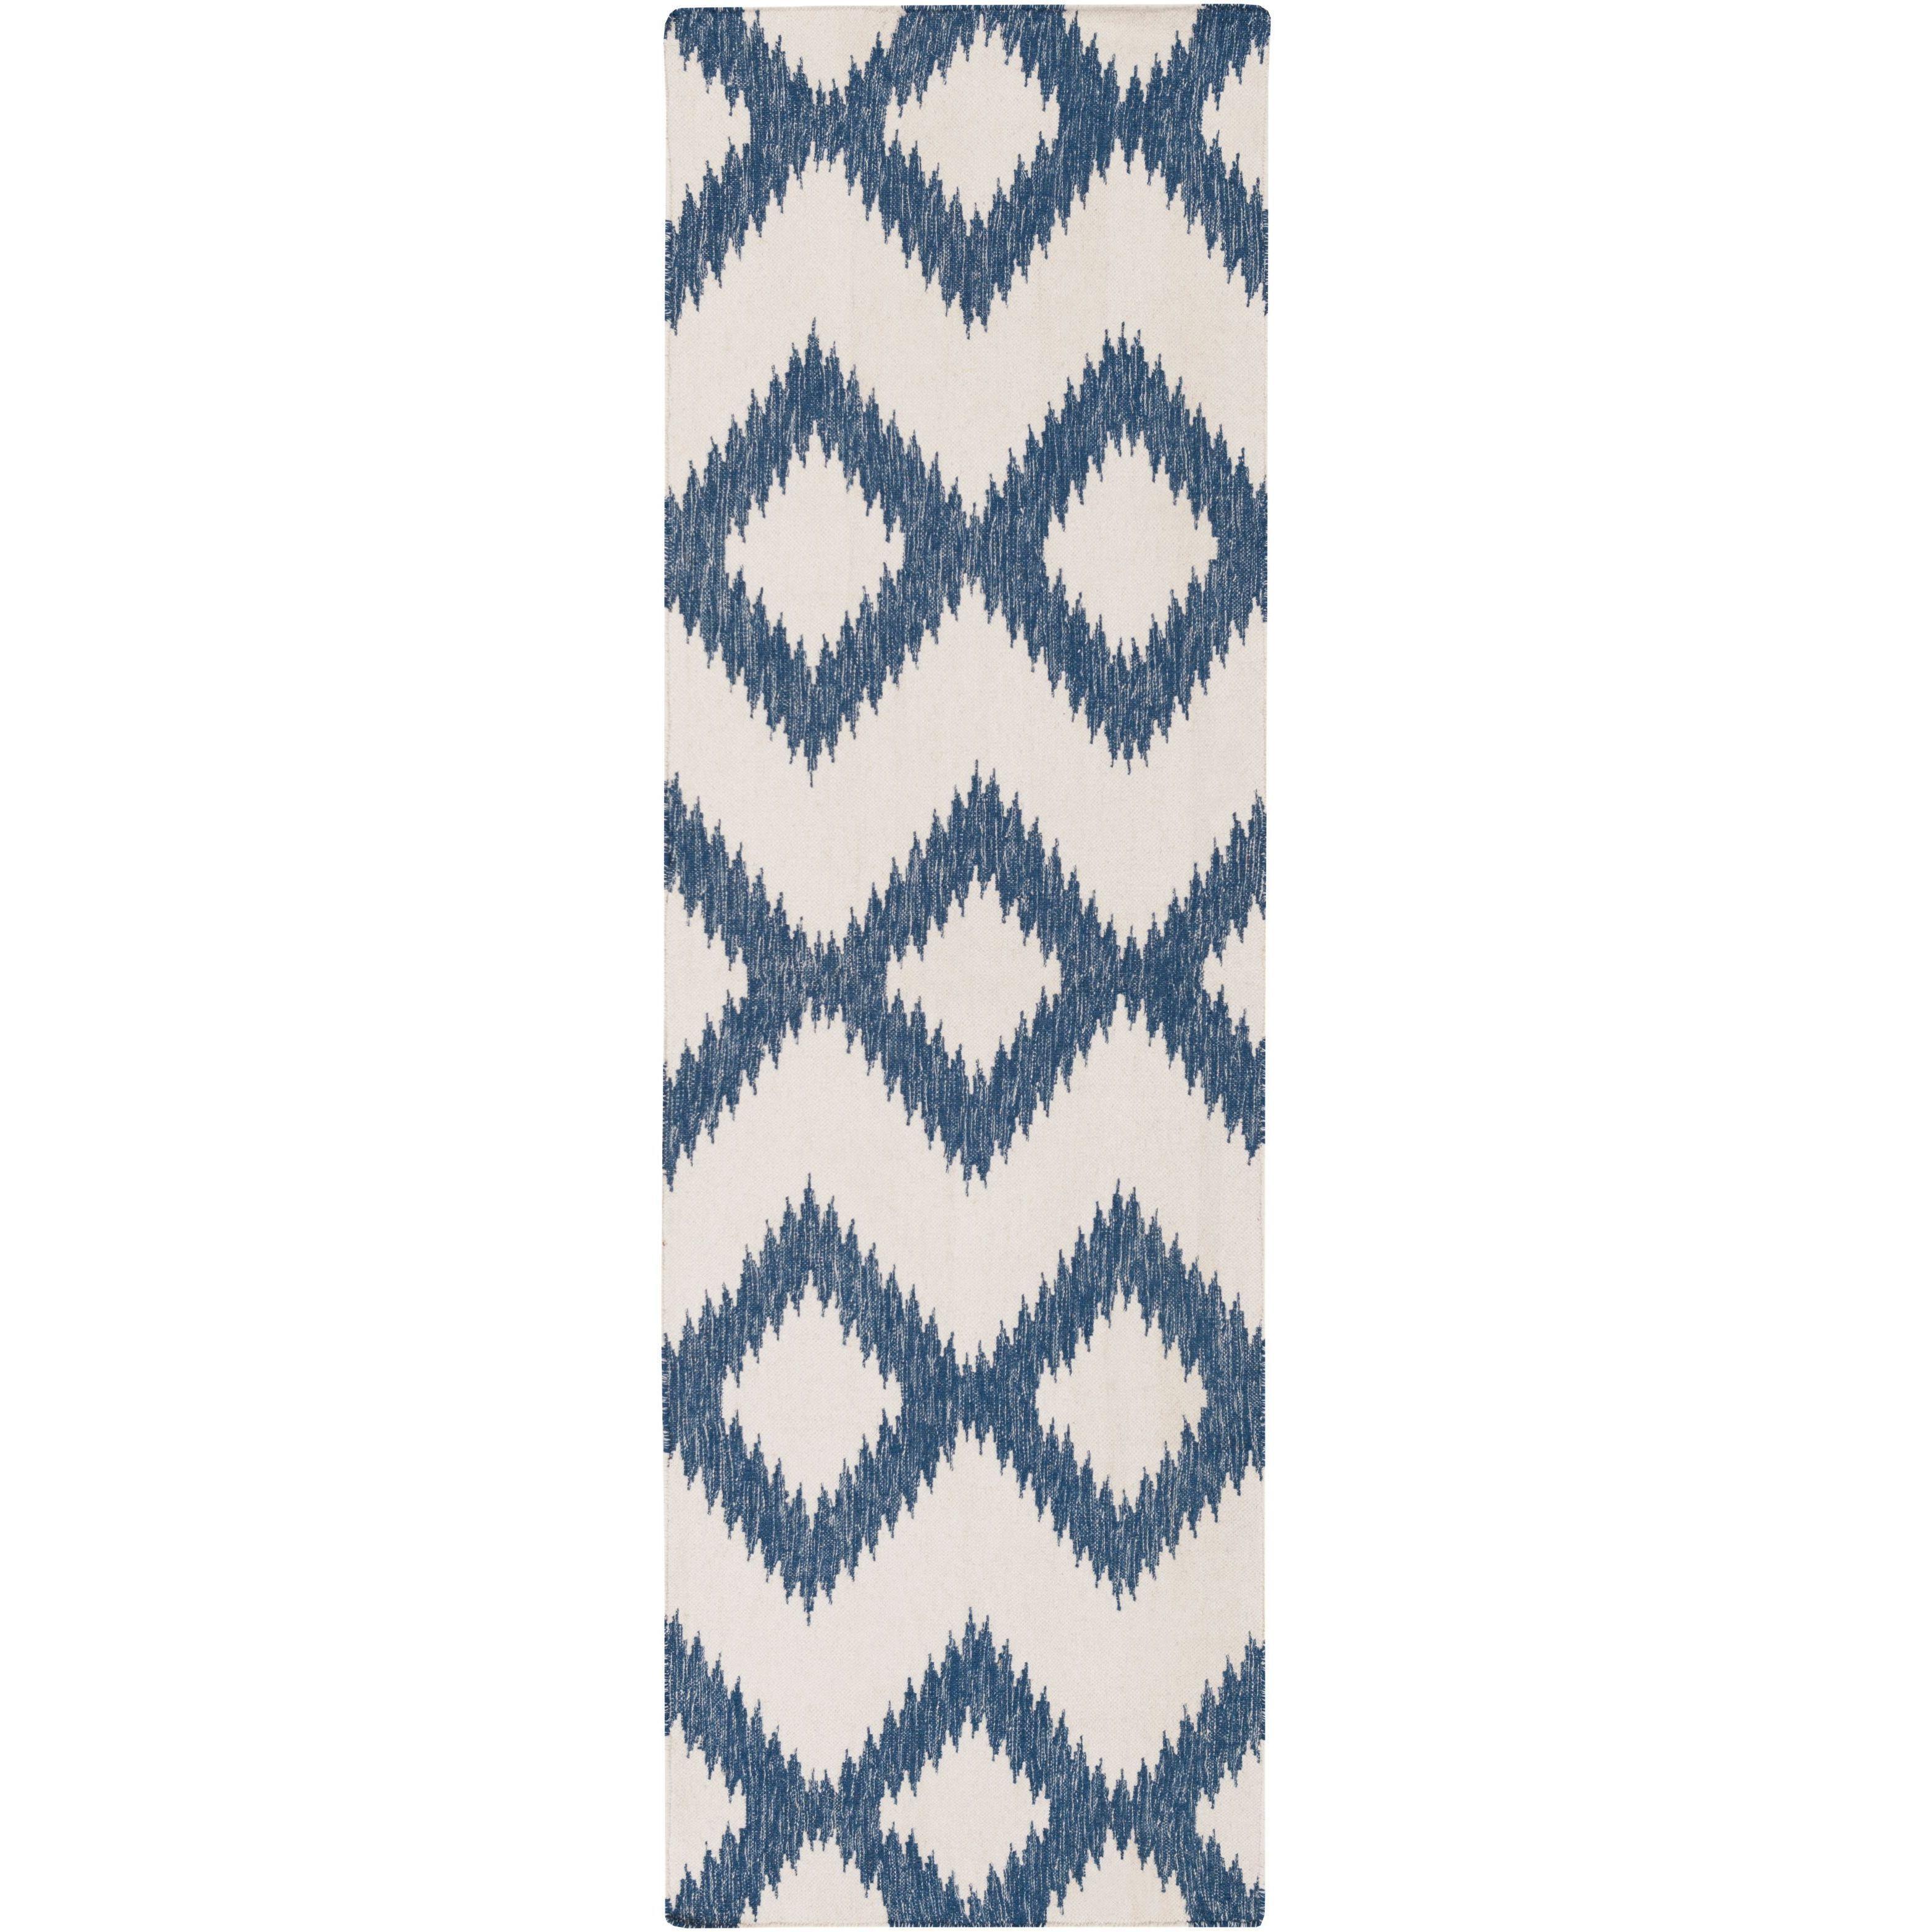 Hand Woven Cleveland Wool Rug (2'6 x 8') (Dark Blue), Siz...